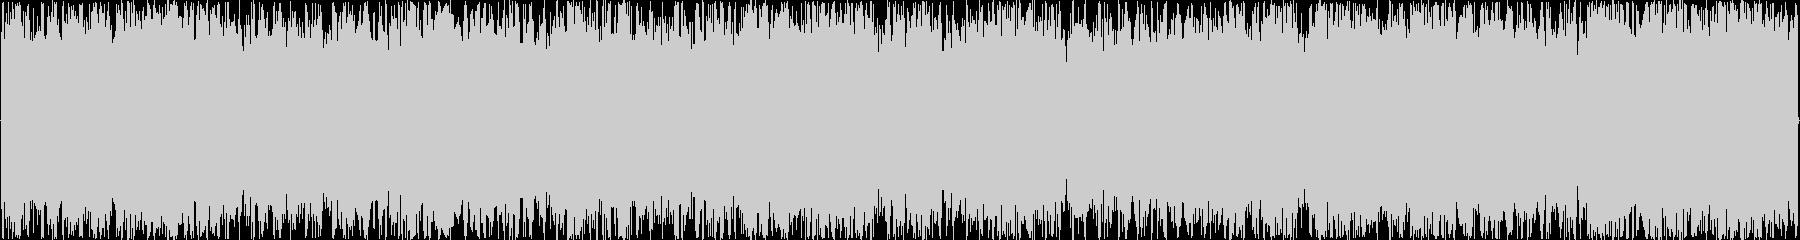 疾走感のあるオーケストラループBGMの未再生の波形